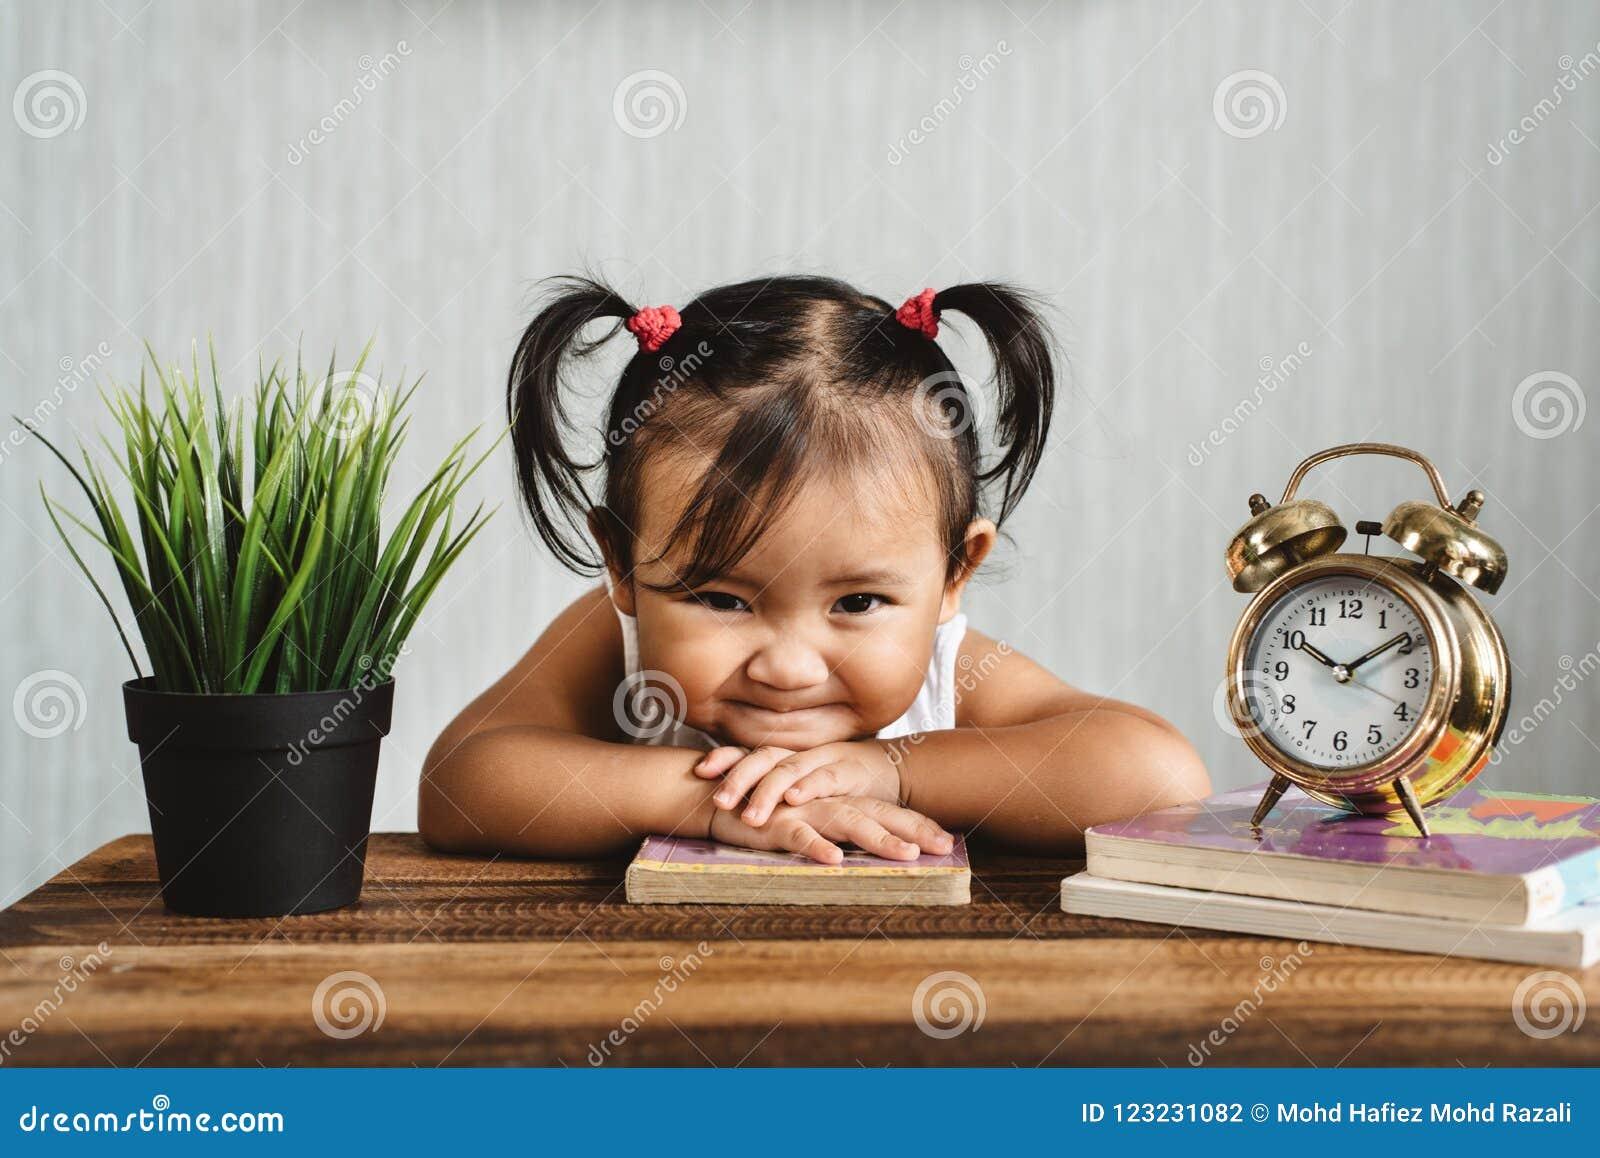 Petit enfant en bas âge asiatique mignon de bébé faisant le visage drôle ou souriant tandis que livres de lecture avec le réveil